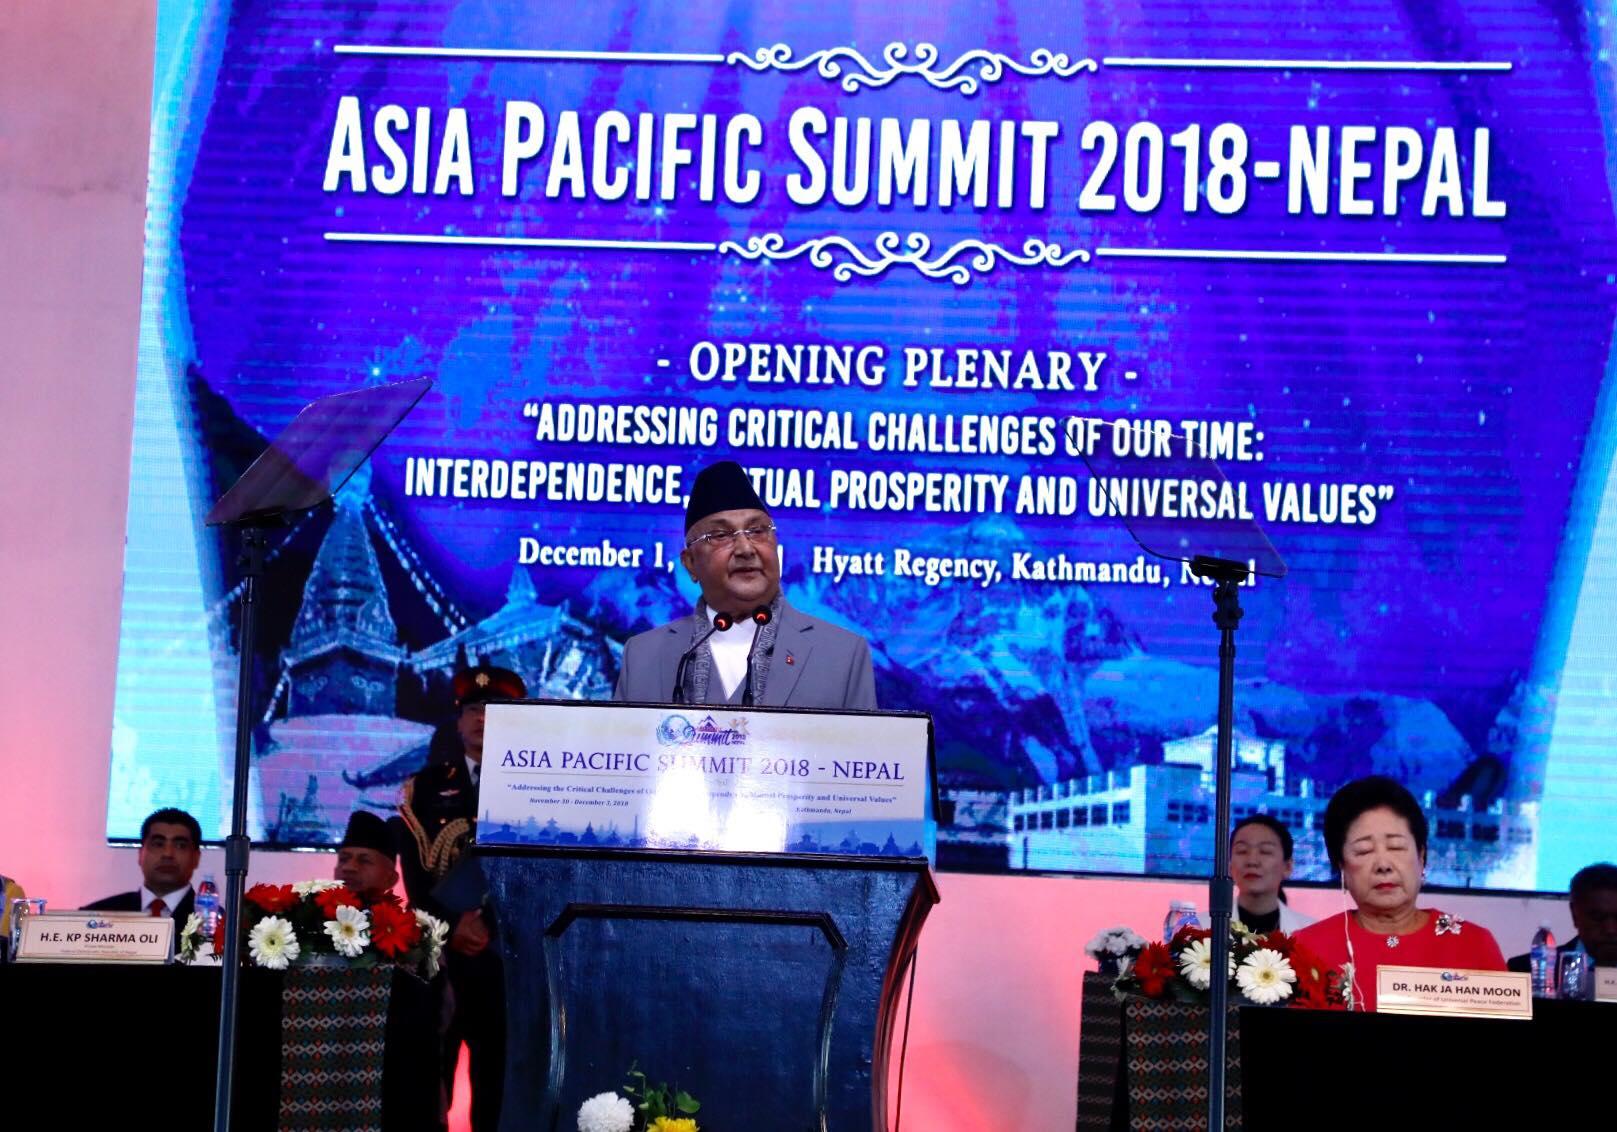 एशिया प्रशान्त सम्मेलनको उद्घाटन सत्रमा प्रधानमन्त्रीले भने, 'एशियाली मूल्य र मान्यताका साथ सहकार्य बढाउनुपर्छ'